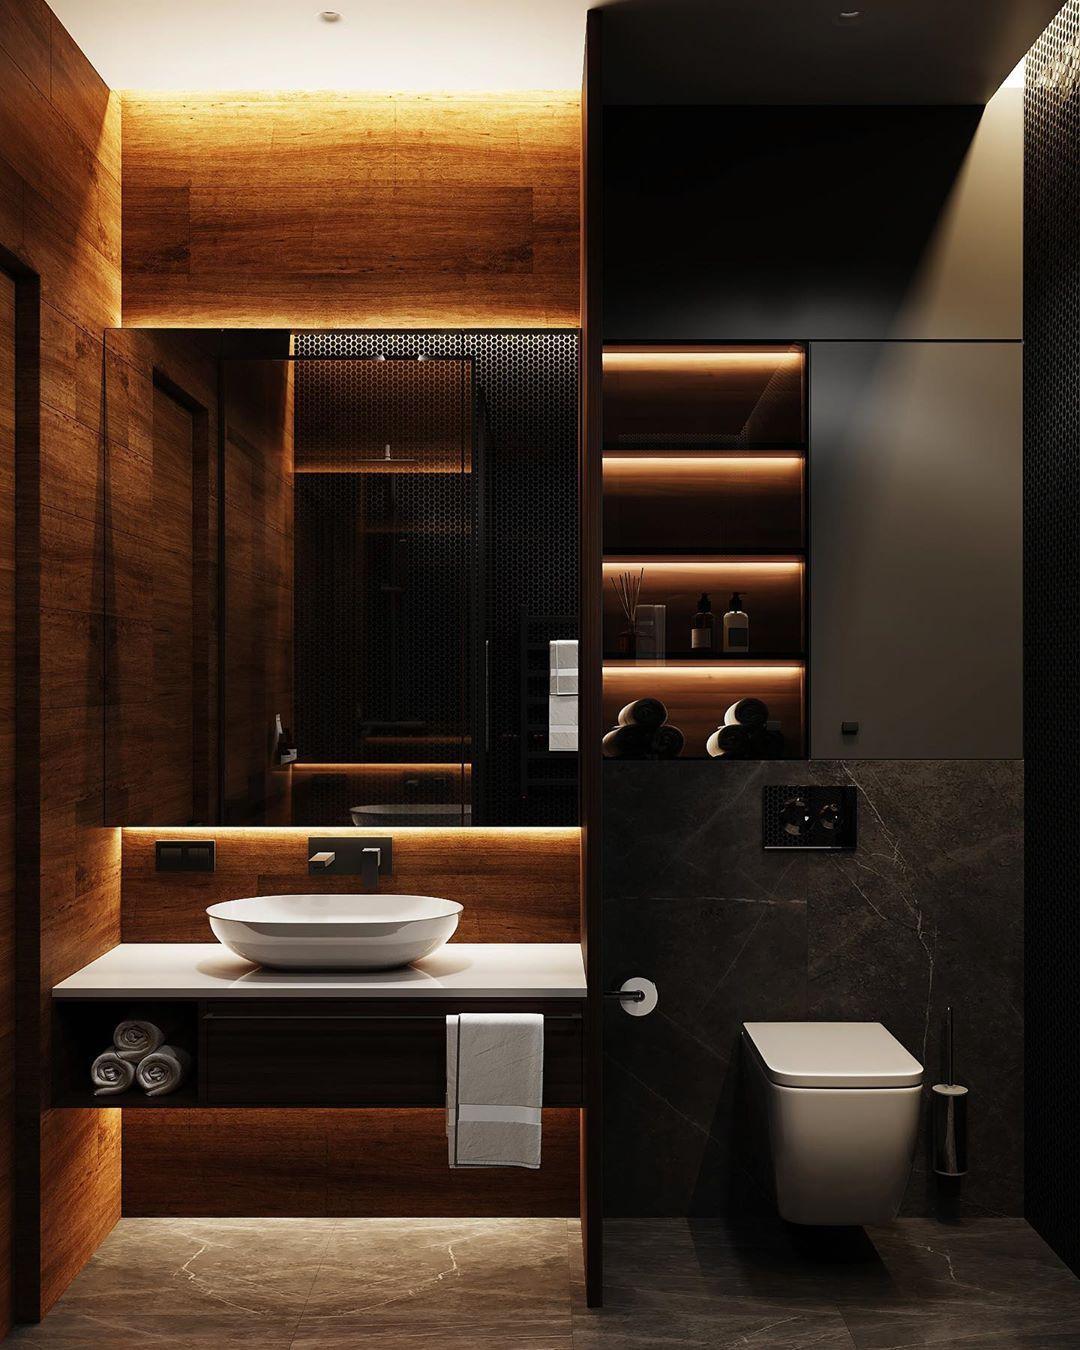 Dunkles Badezimmer-Design von Arina Pinchuk   Salle de bains